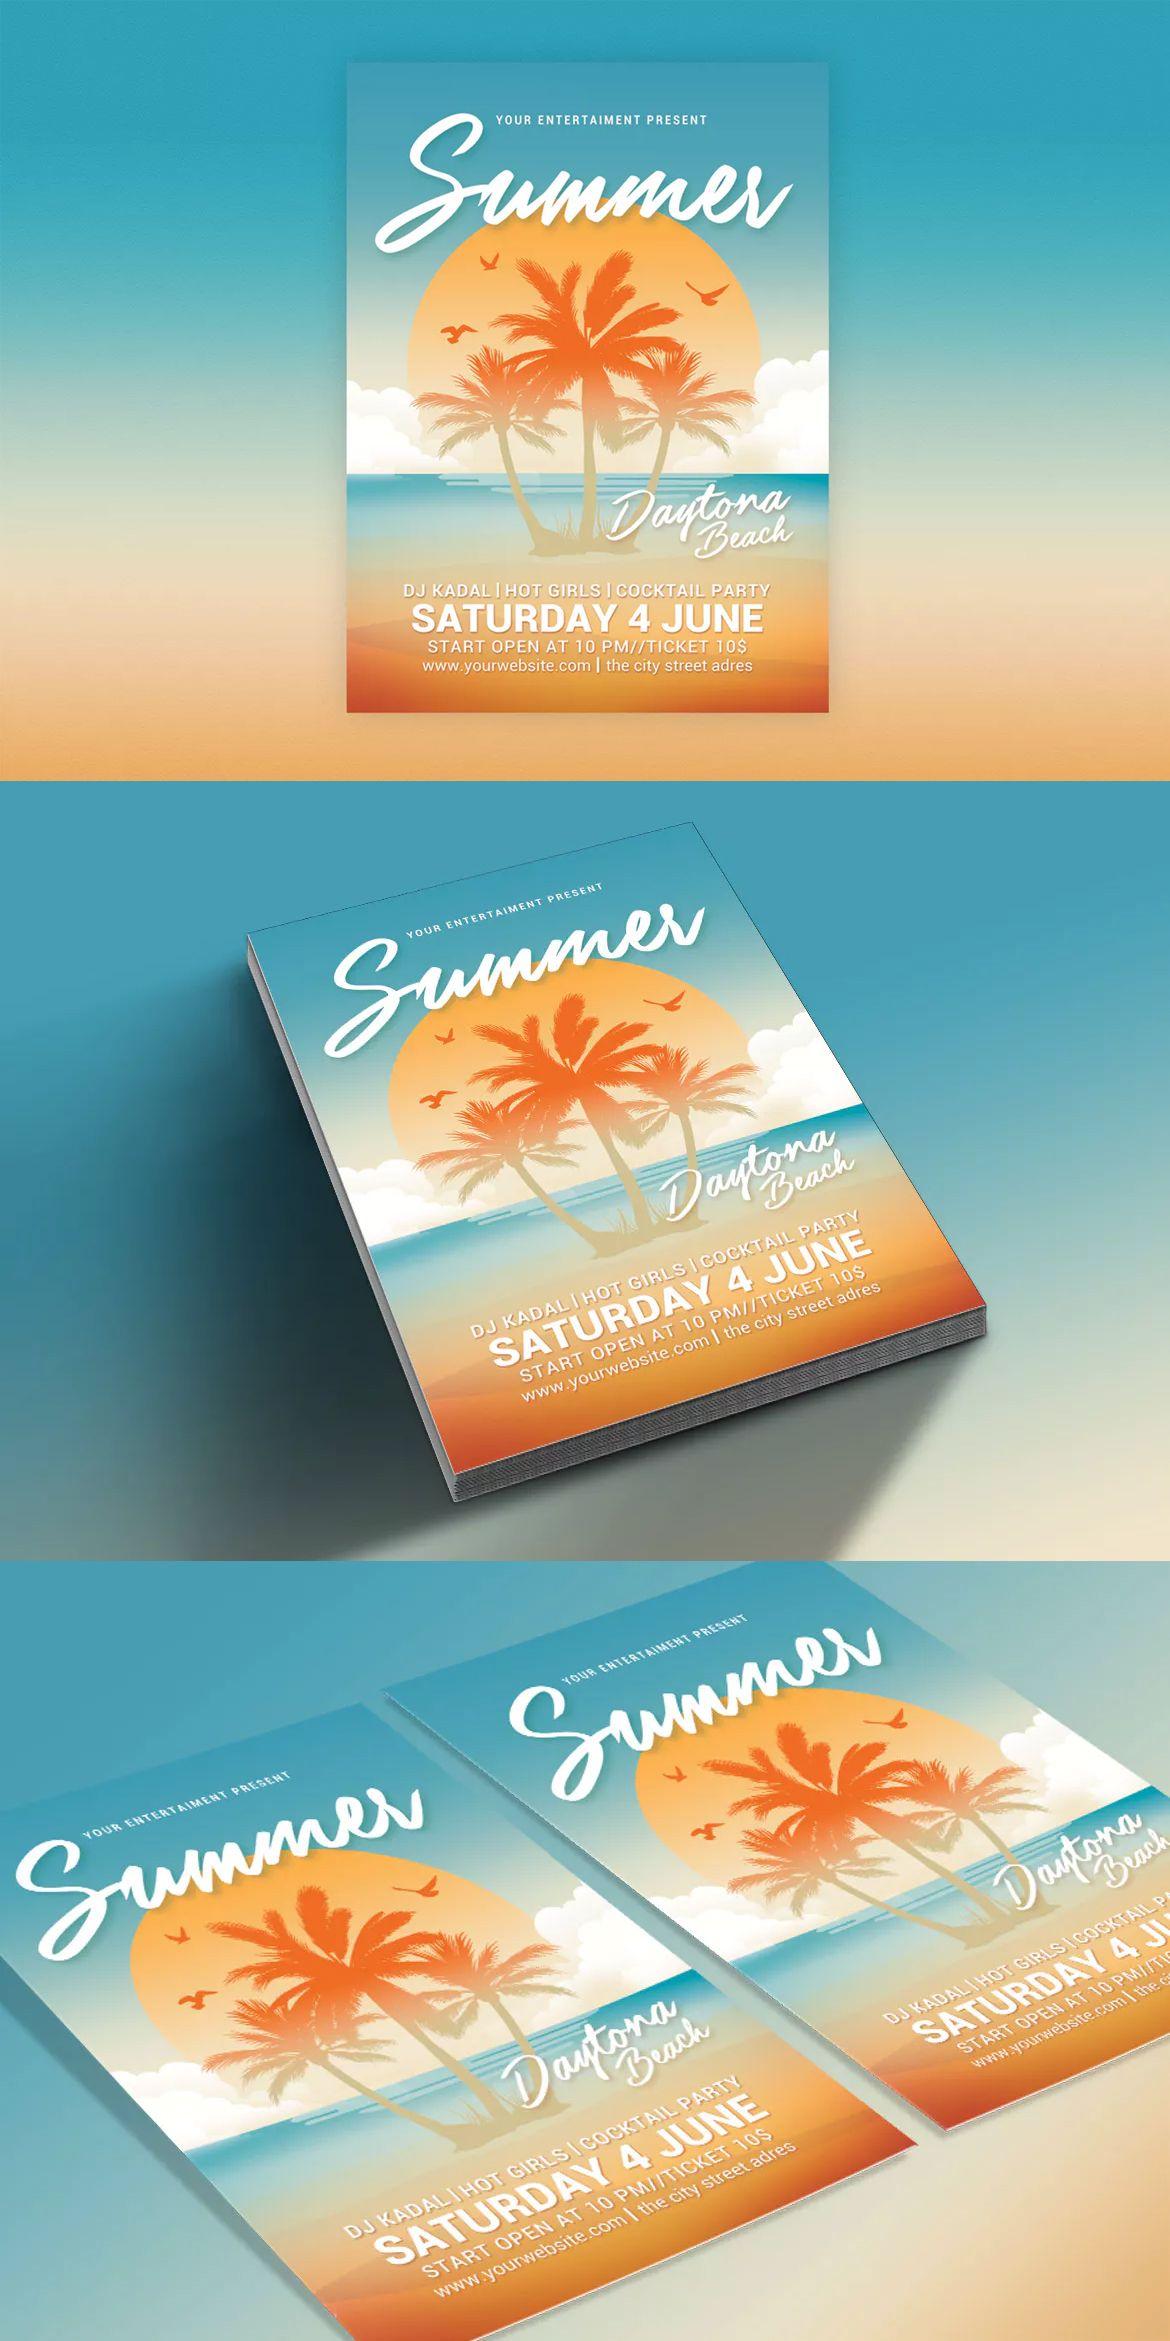 Summer Beach Party Flyer Template Psd  Flyer Templates